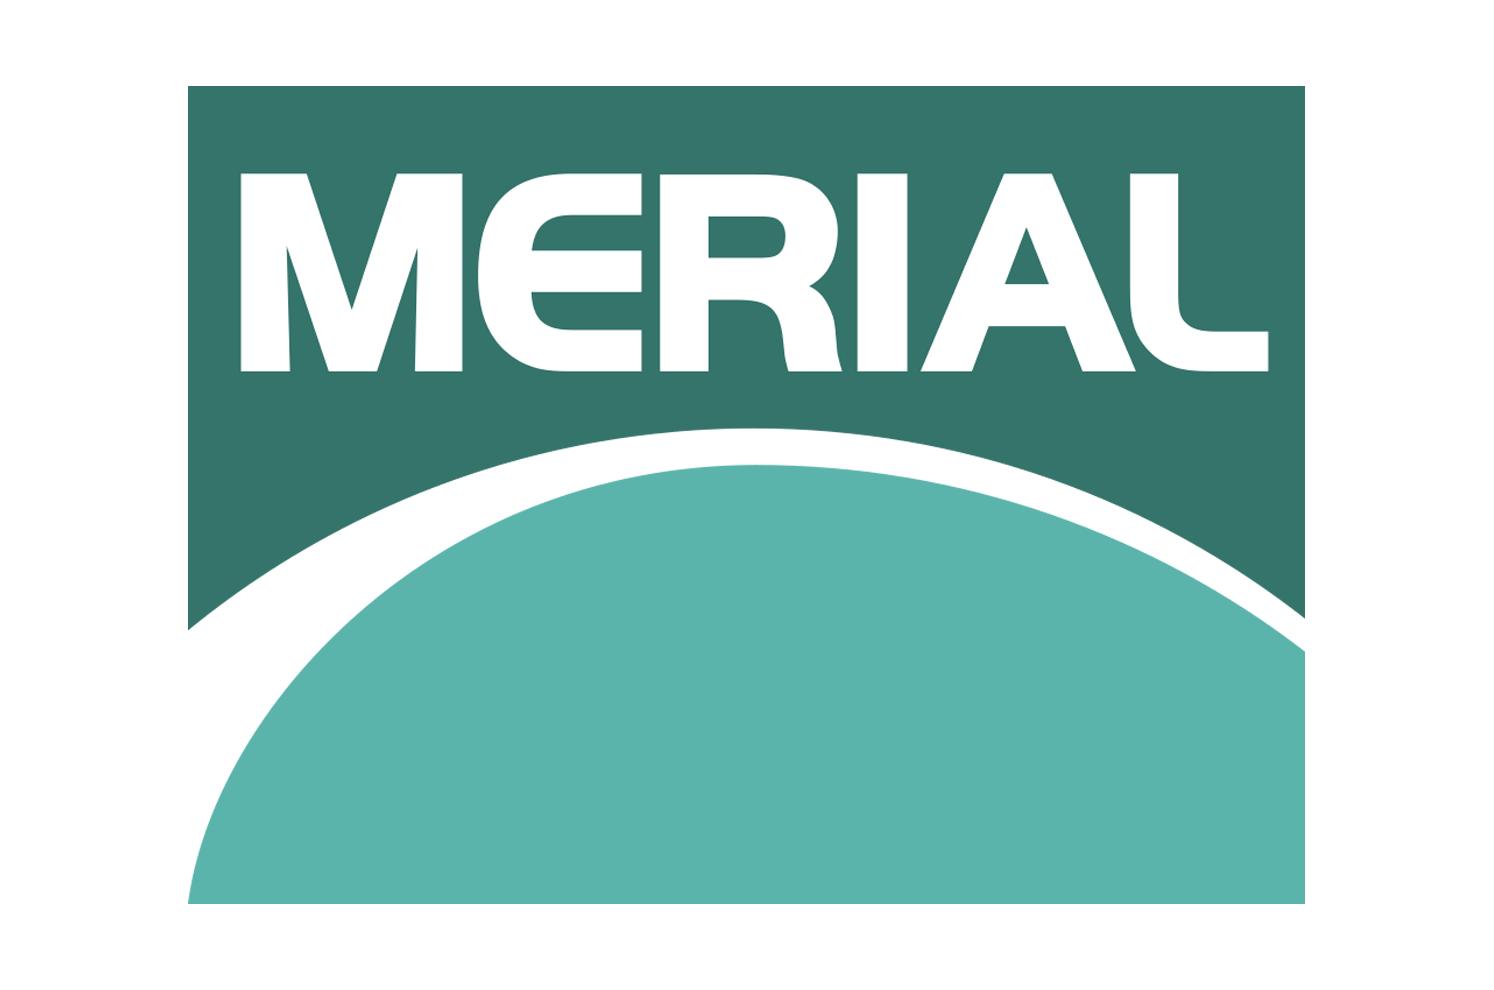 MERIAL_logo.png